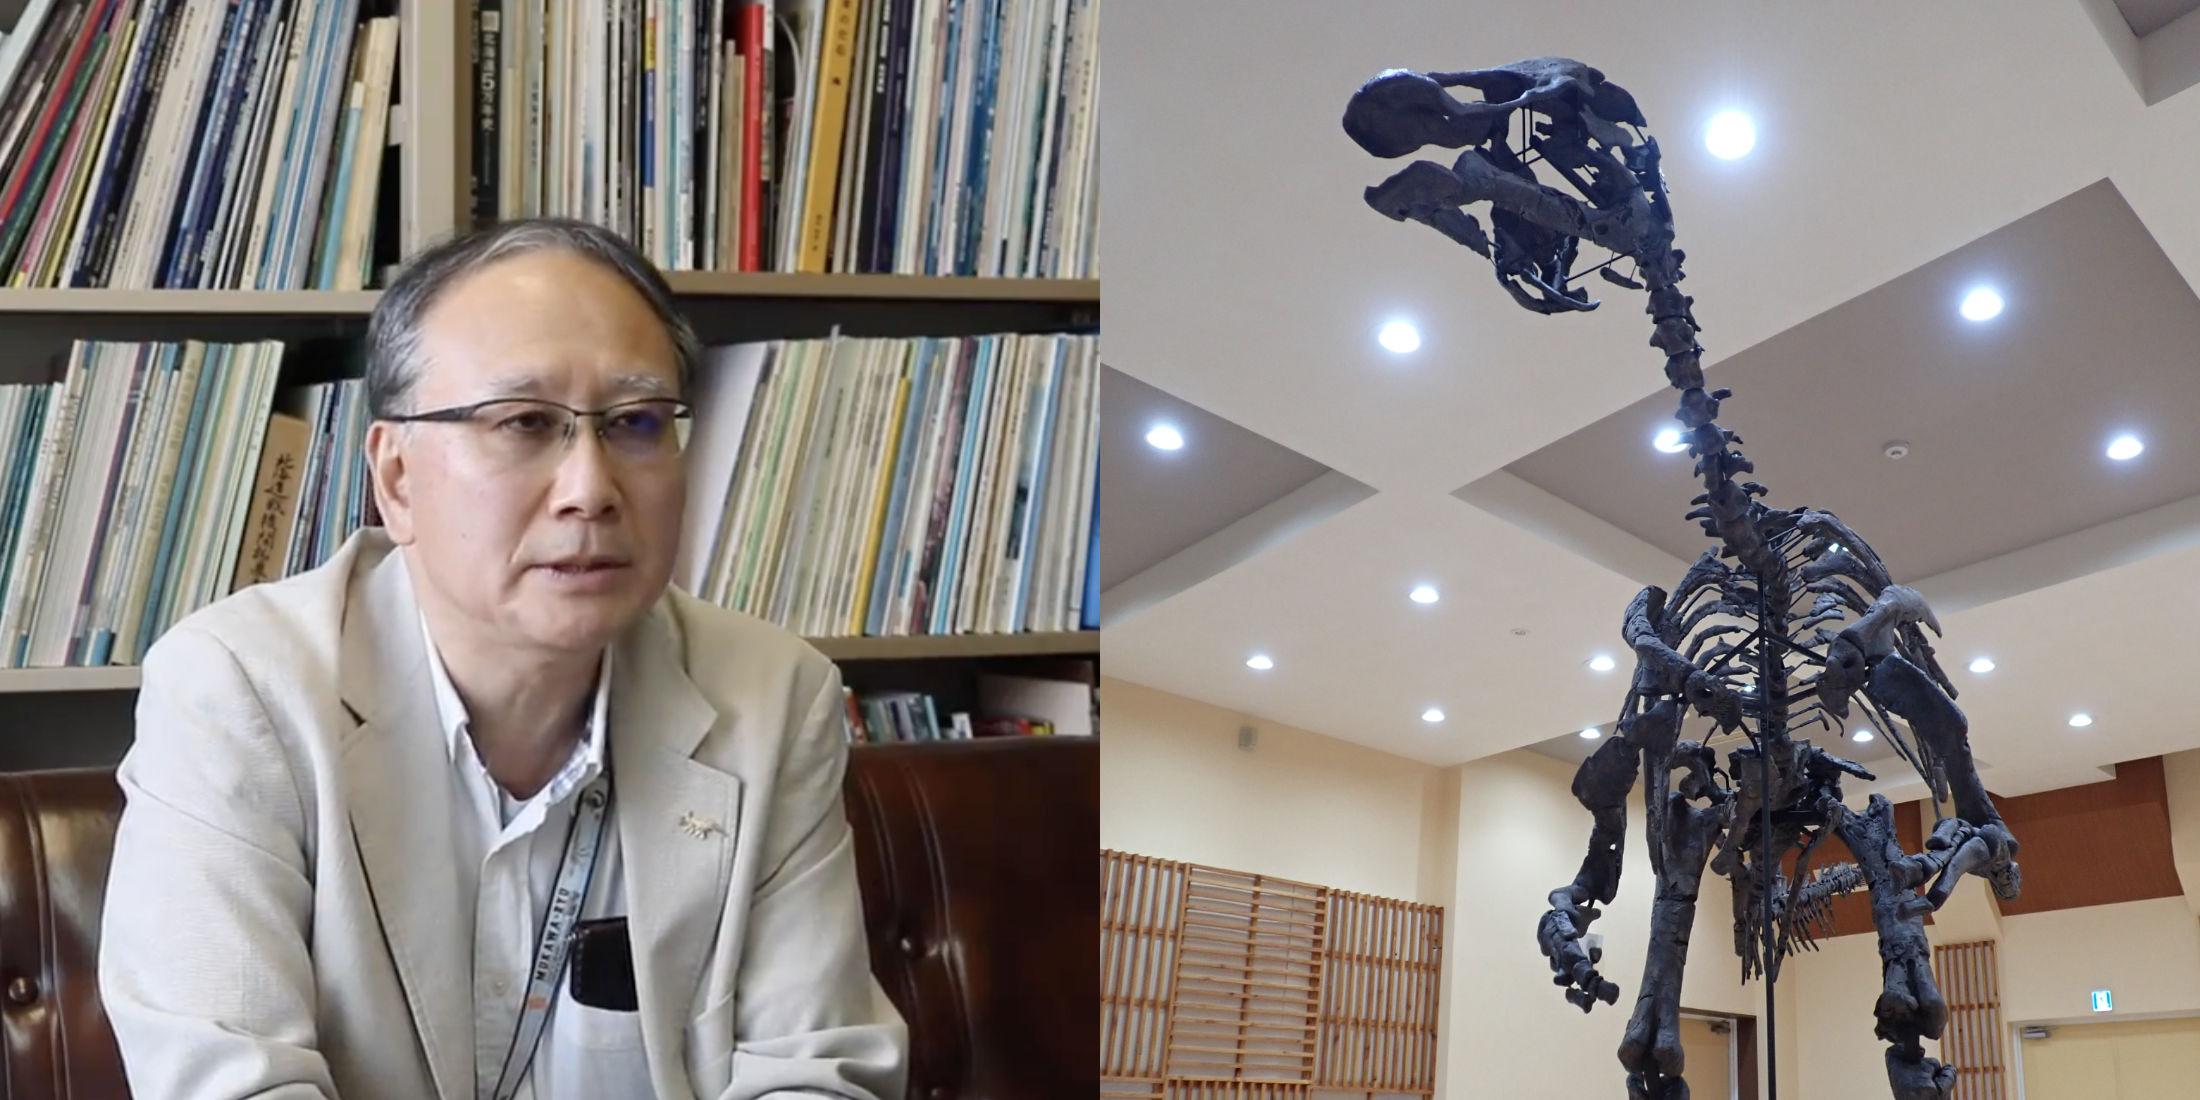 画像:Mukawa Dinosaur <span style='font-style:italic;'>Kamuysaurus japonicus</span> from Hobetsu,Mukawa town